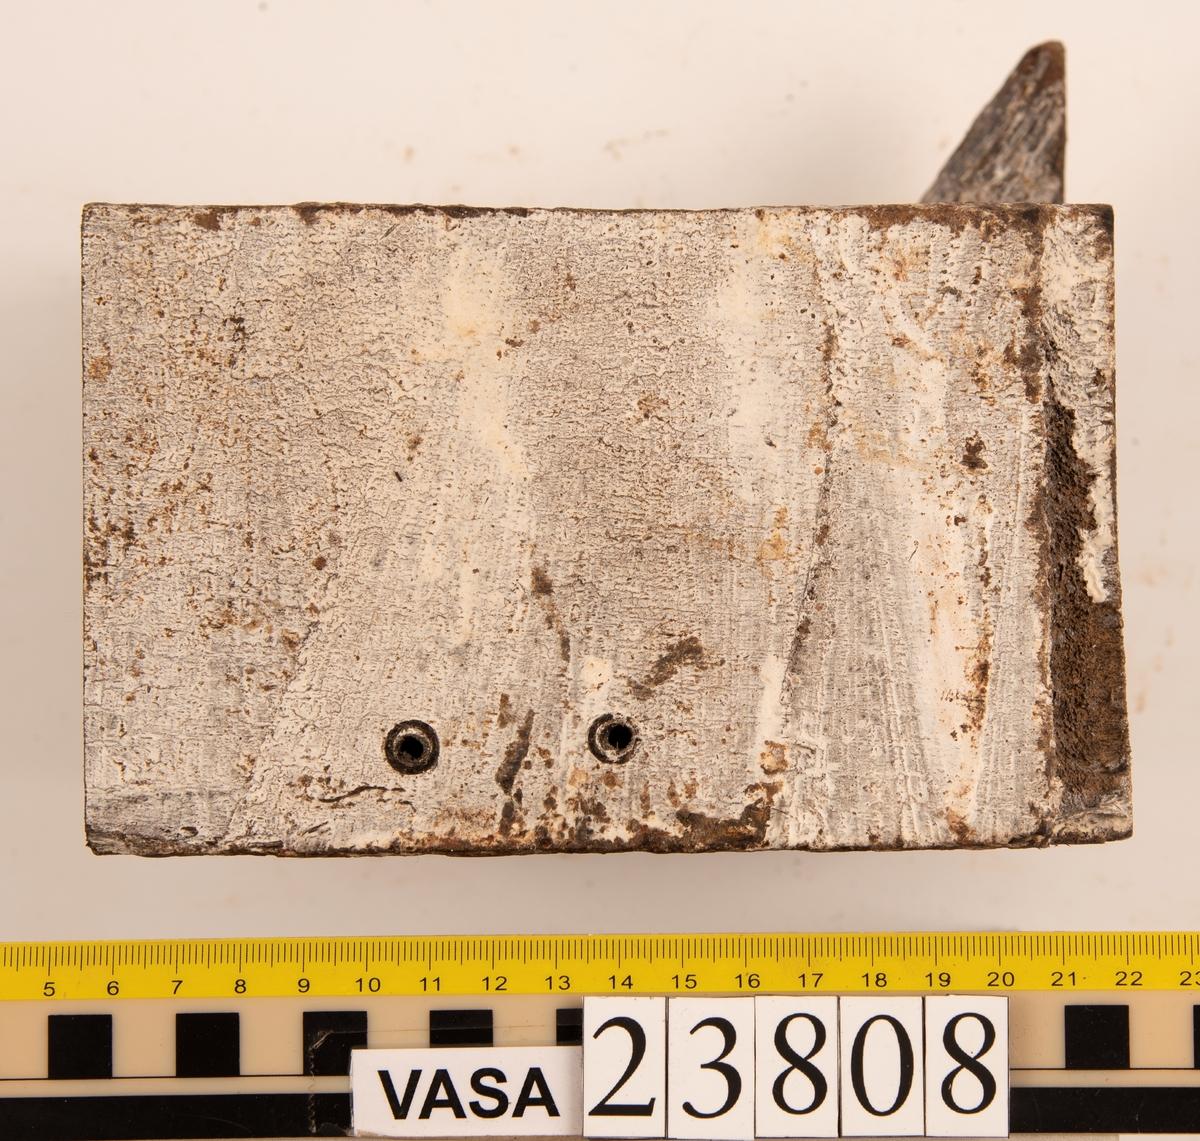 Del av bordläggningsplanka. Biten har 20 stycken hål efter borrprov, ytterligare 2 borrspår i hörnen och ett stort genomgående hål från tidigare dränering. Biten har en dymling i ena sidan.